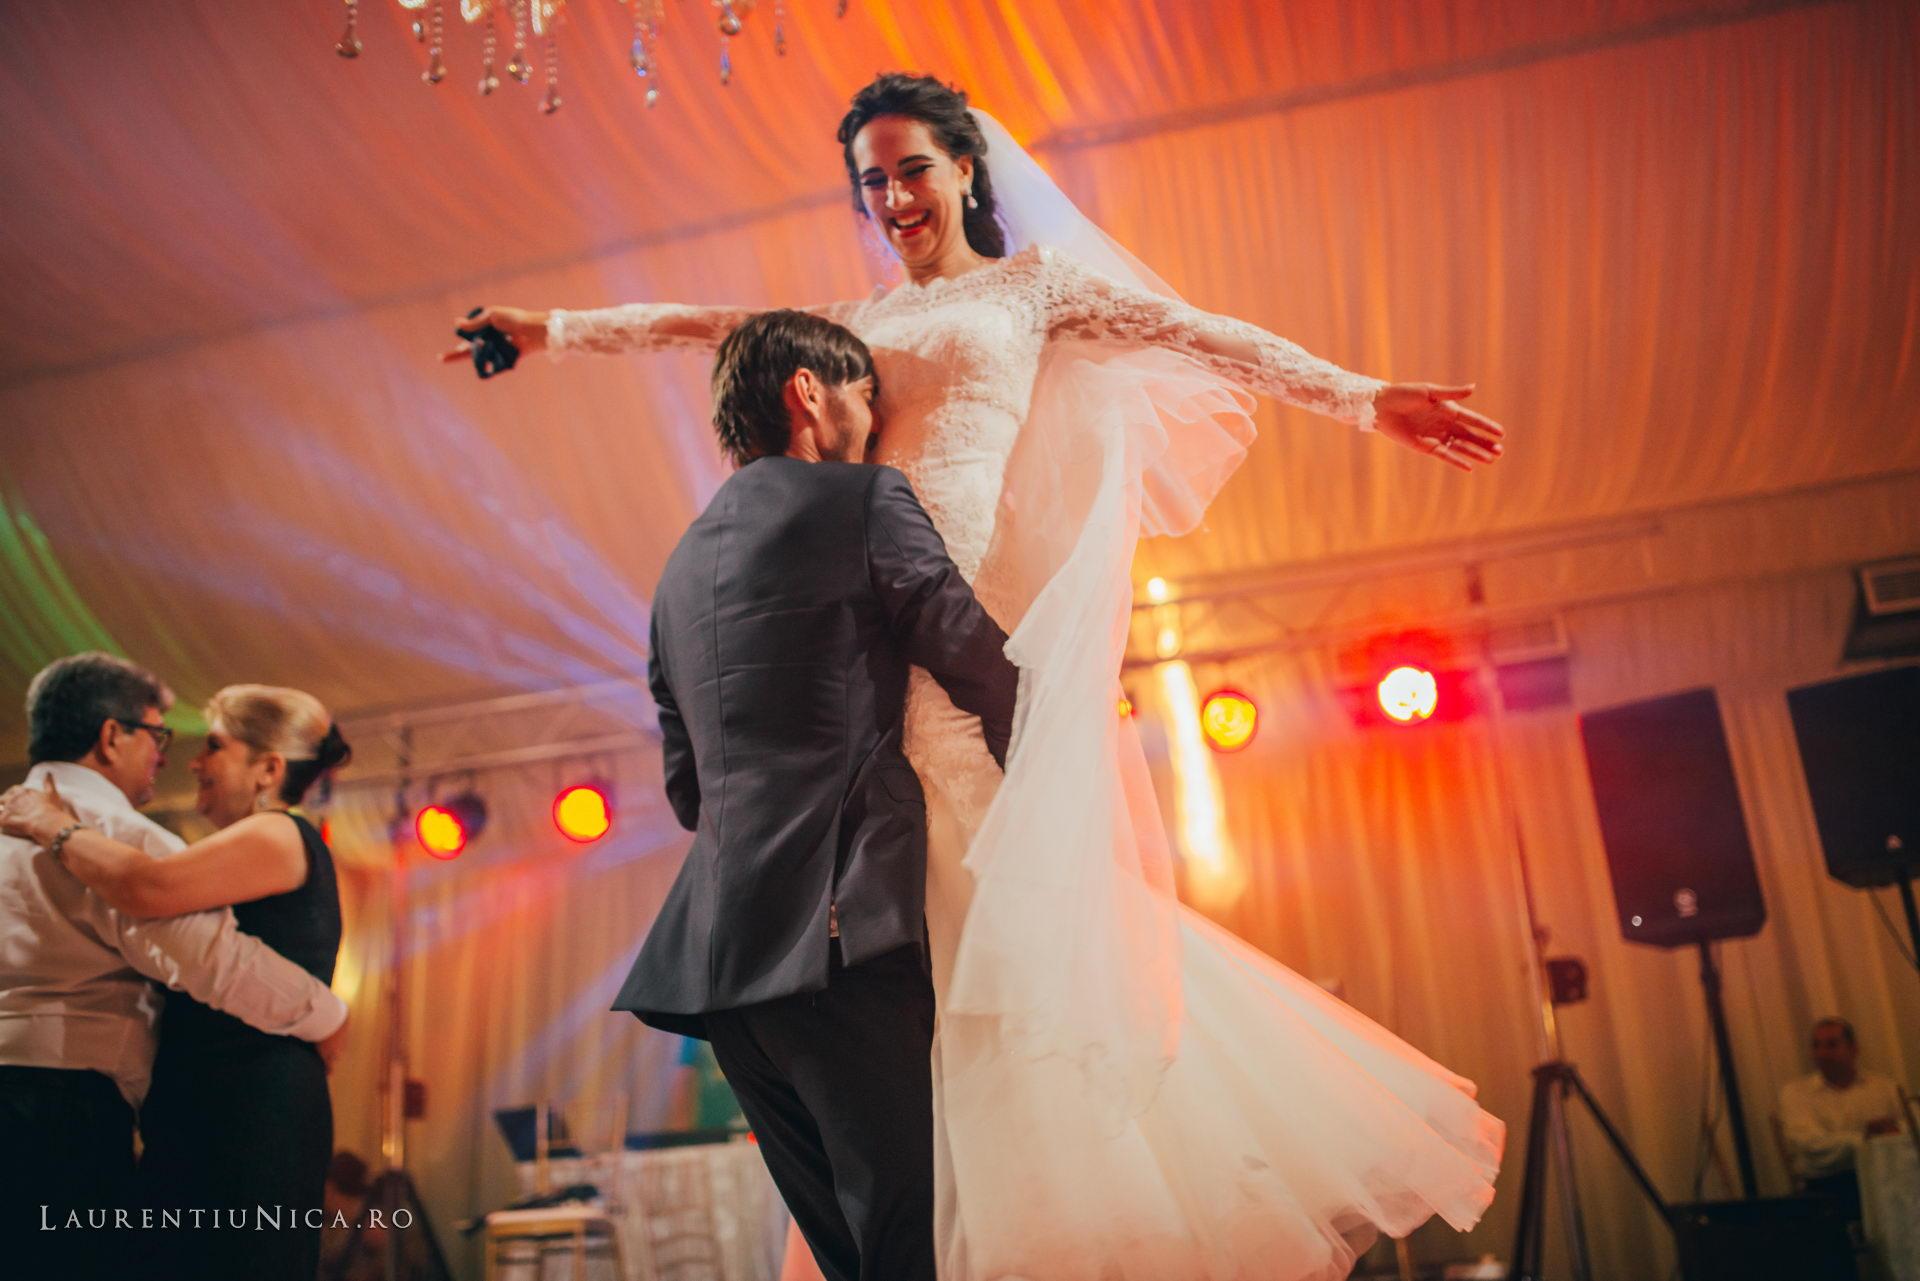 Cristina si Ovidiu nunta Craiova fotograf laurentiu nica 143 - Cristina & Ovidiu | Fotografii nunta | Craiova